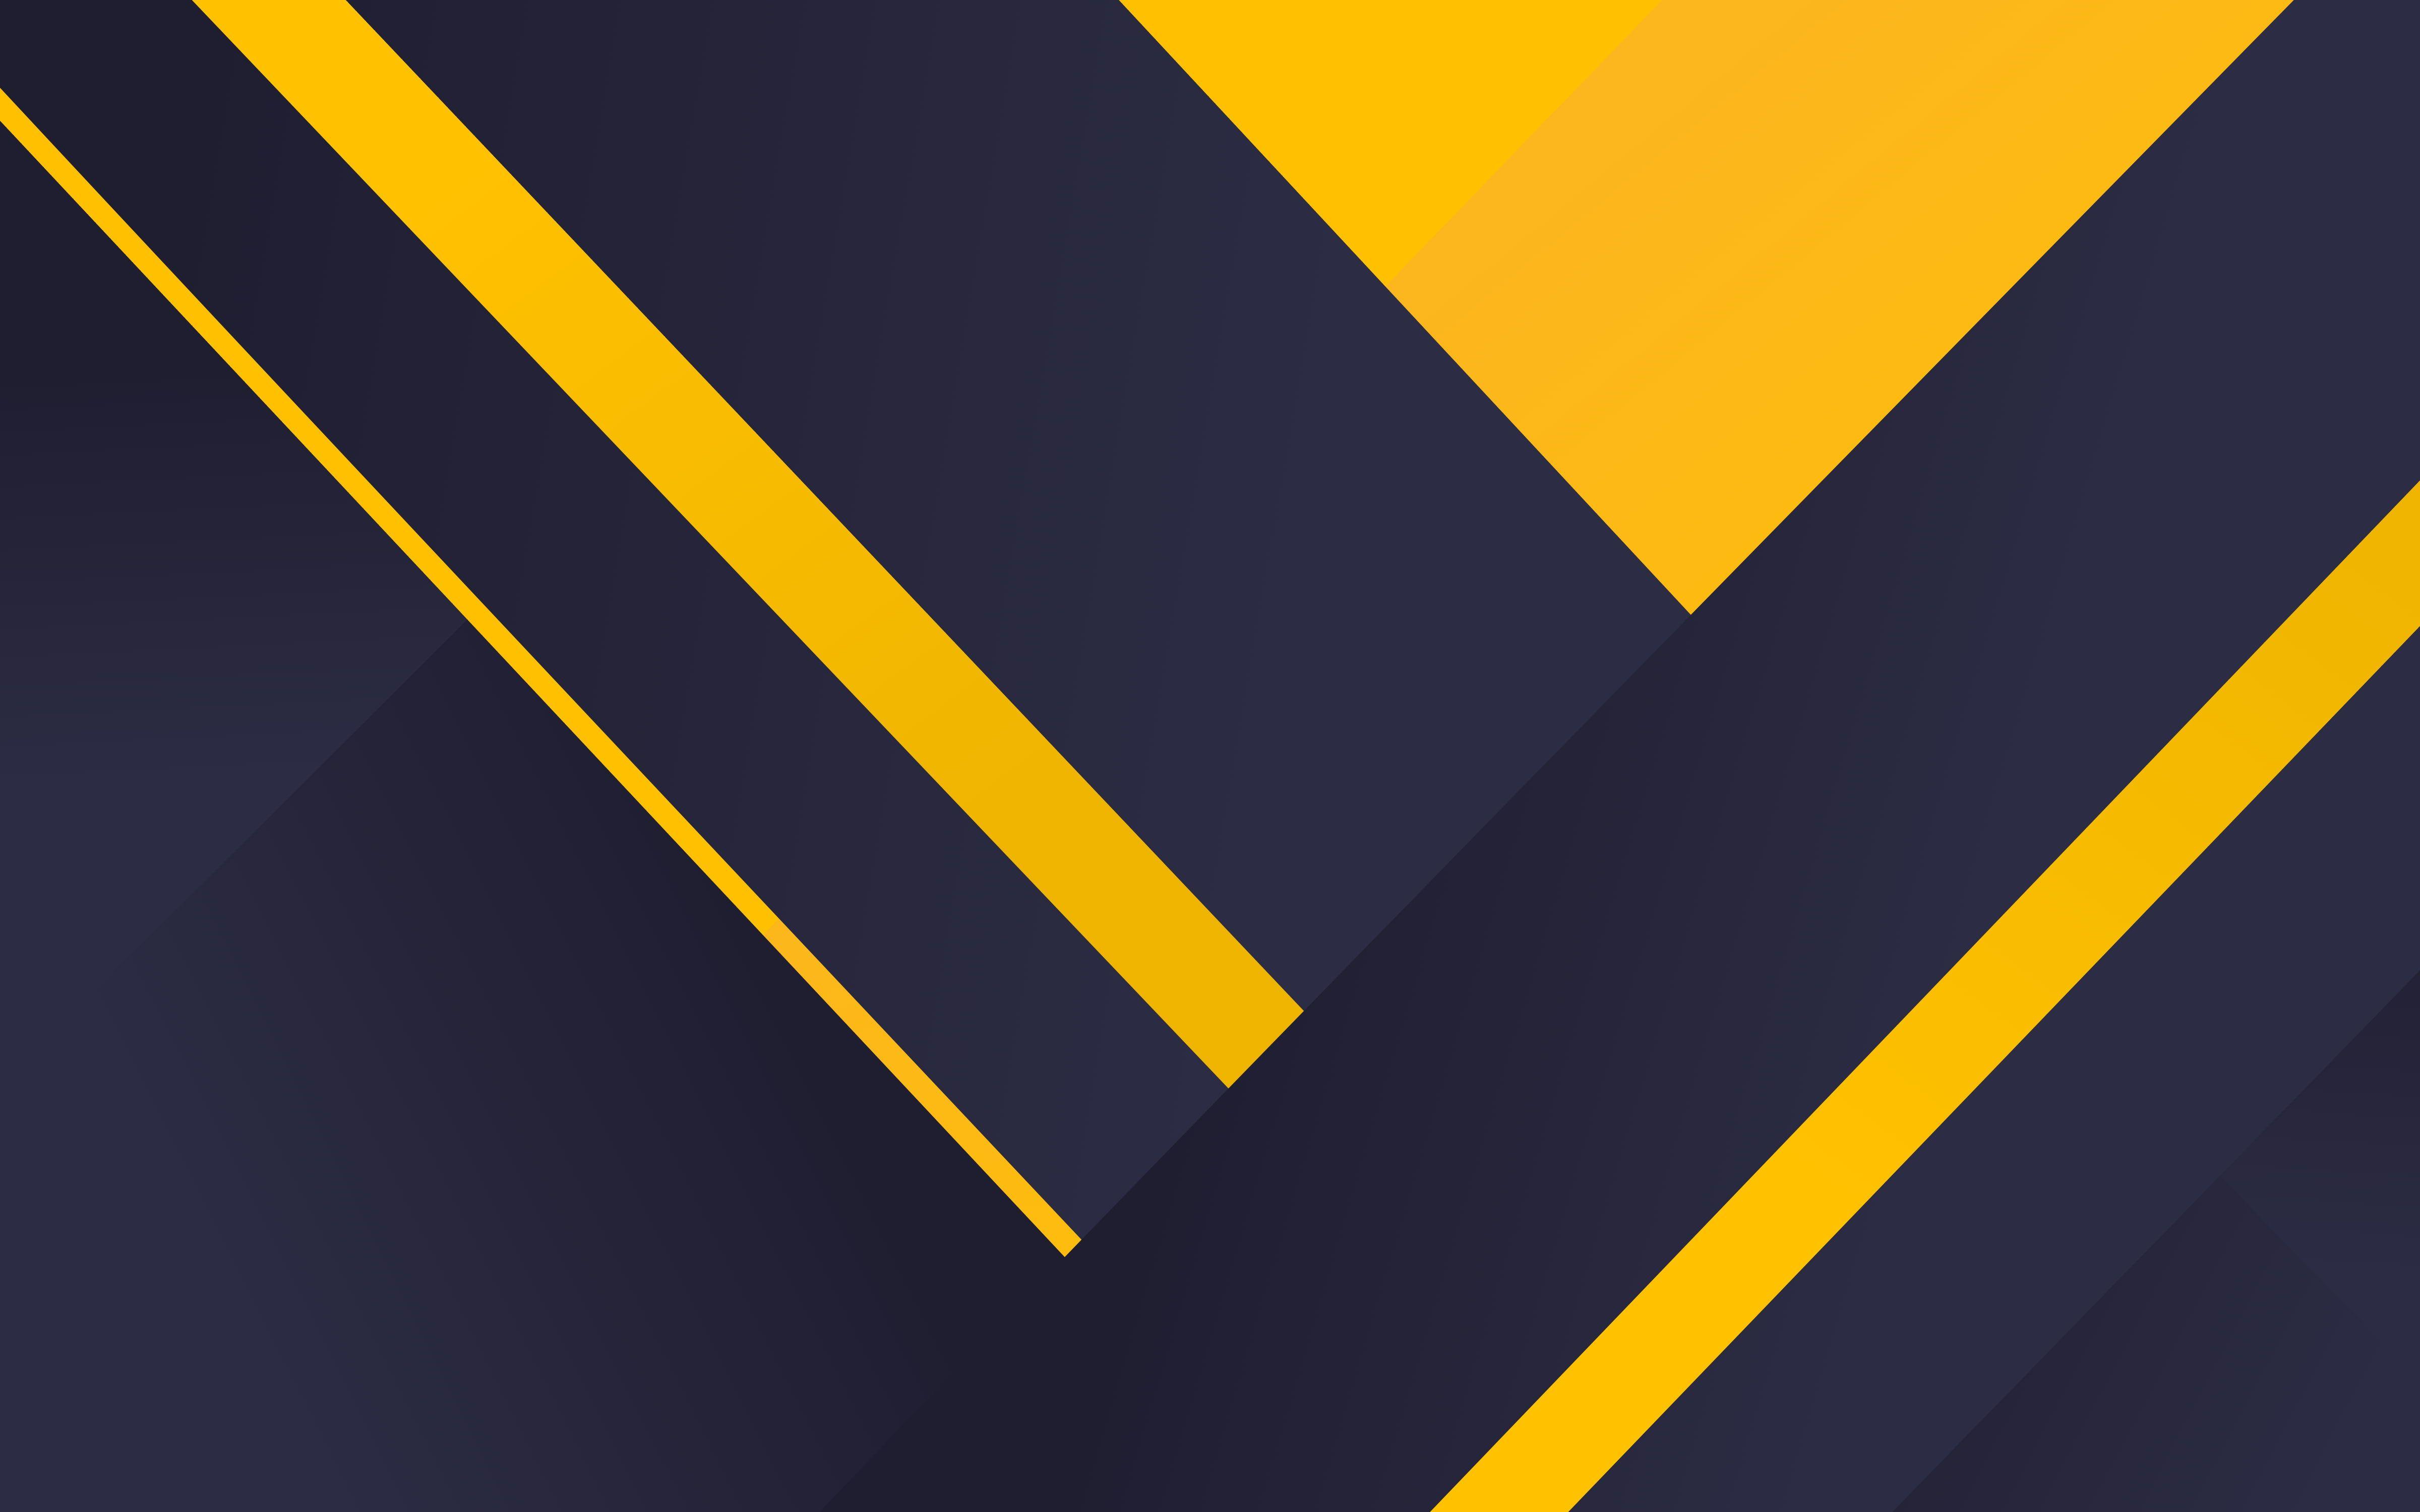 Dark Background Yellow Minimal Material 4k Geometric 4k Wallpaper Hdwallpaper Desktop In 2020 Geometric Background Abstract Wallpaper Dark Backgrounds